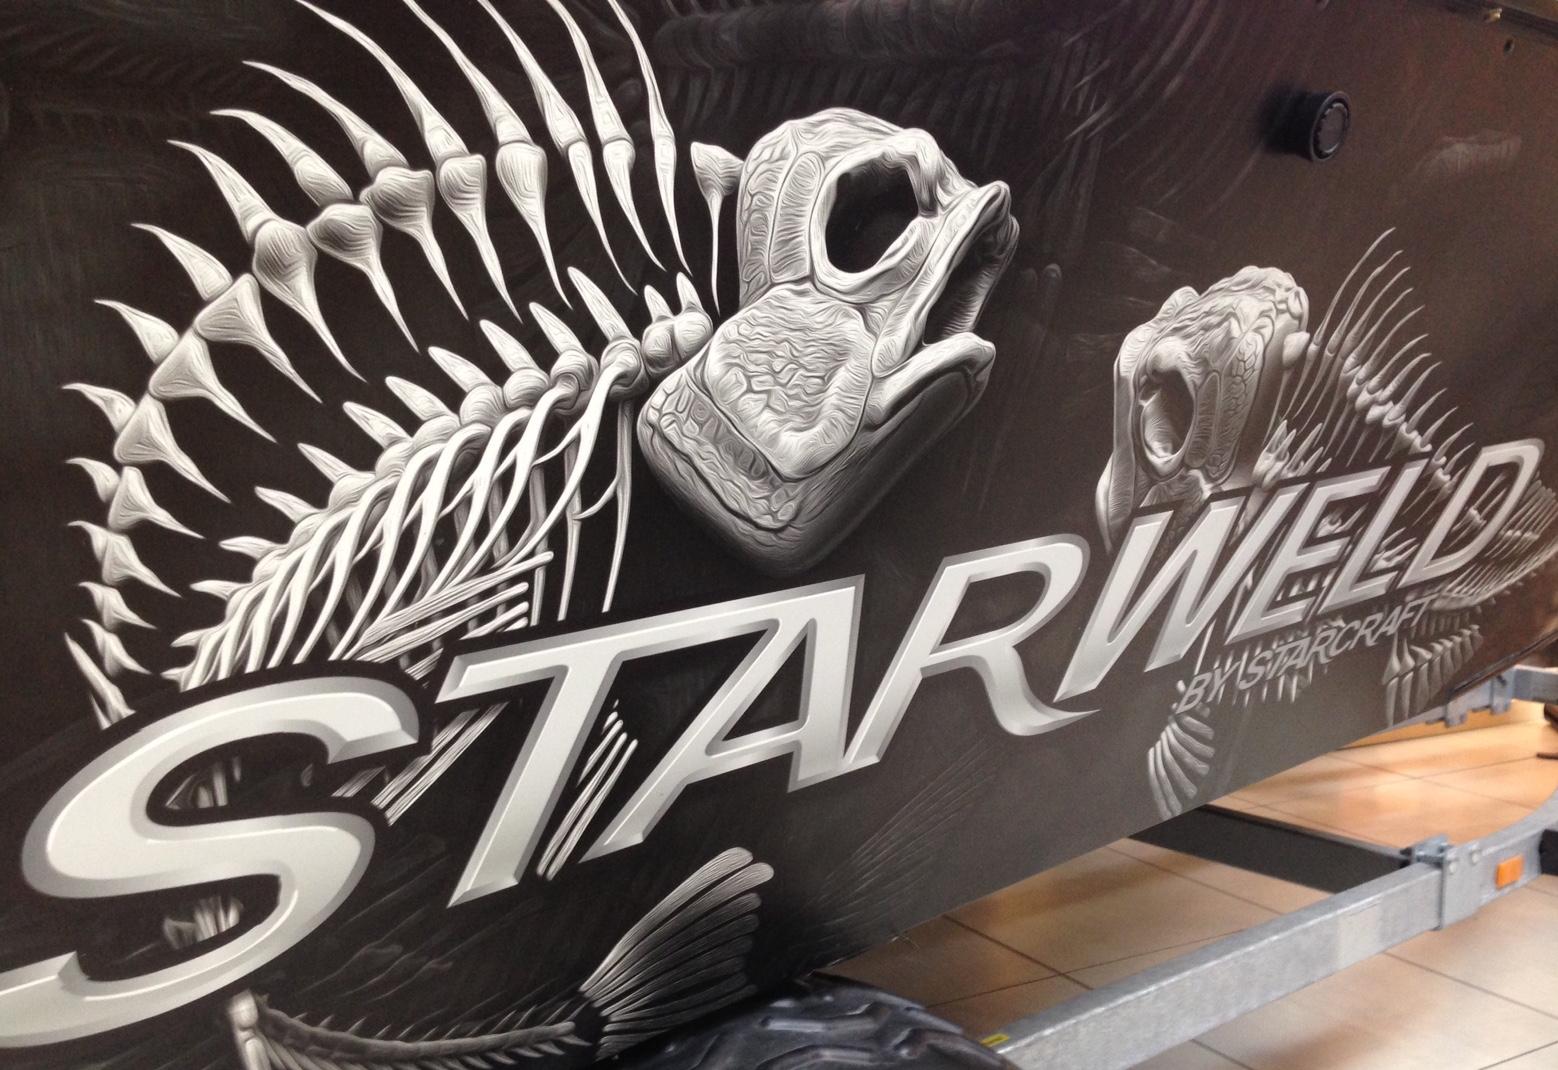 Bromans fint stripade Starweld välkomnar i  entréhallen